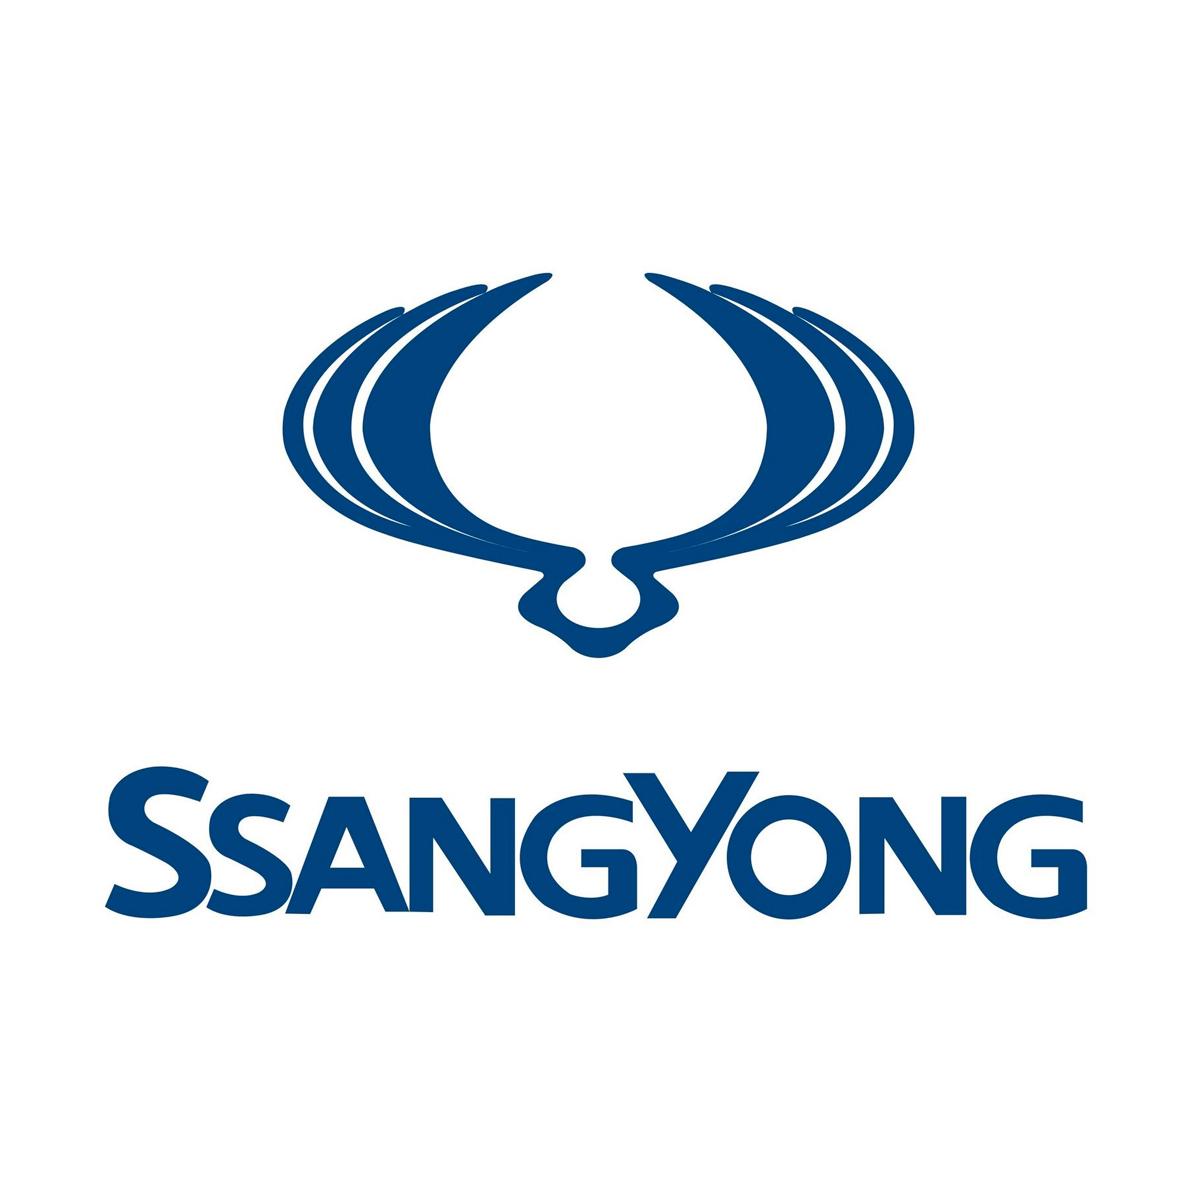 Оригинальные аксессуары SsangYong